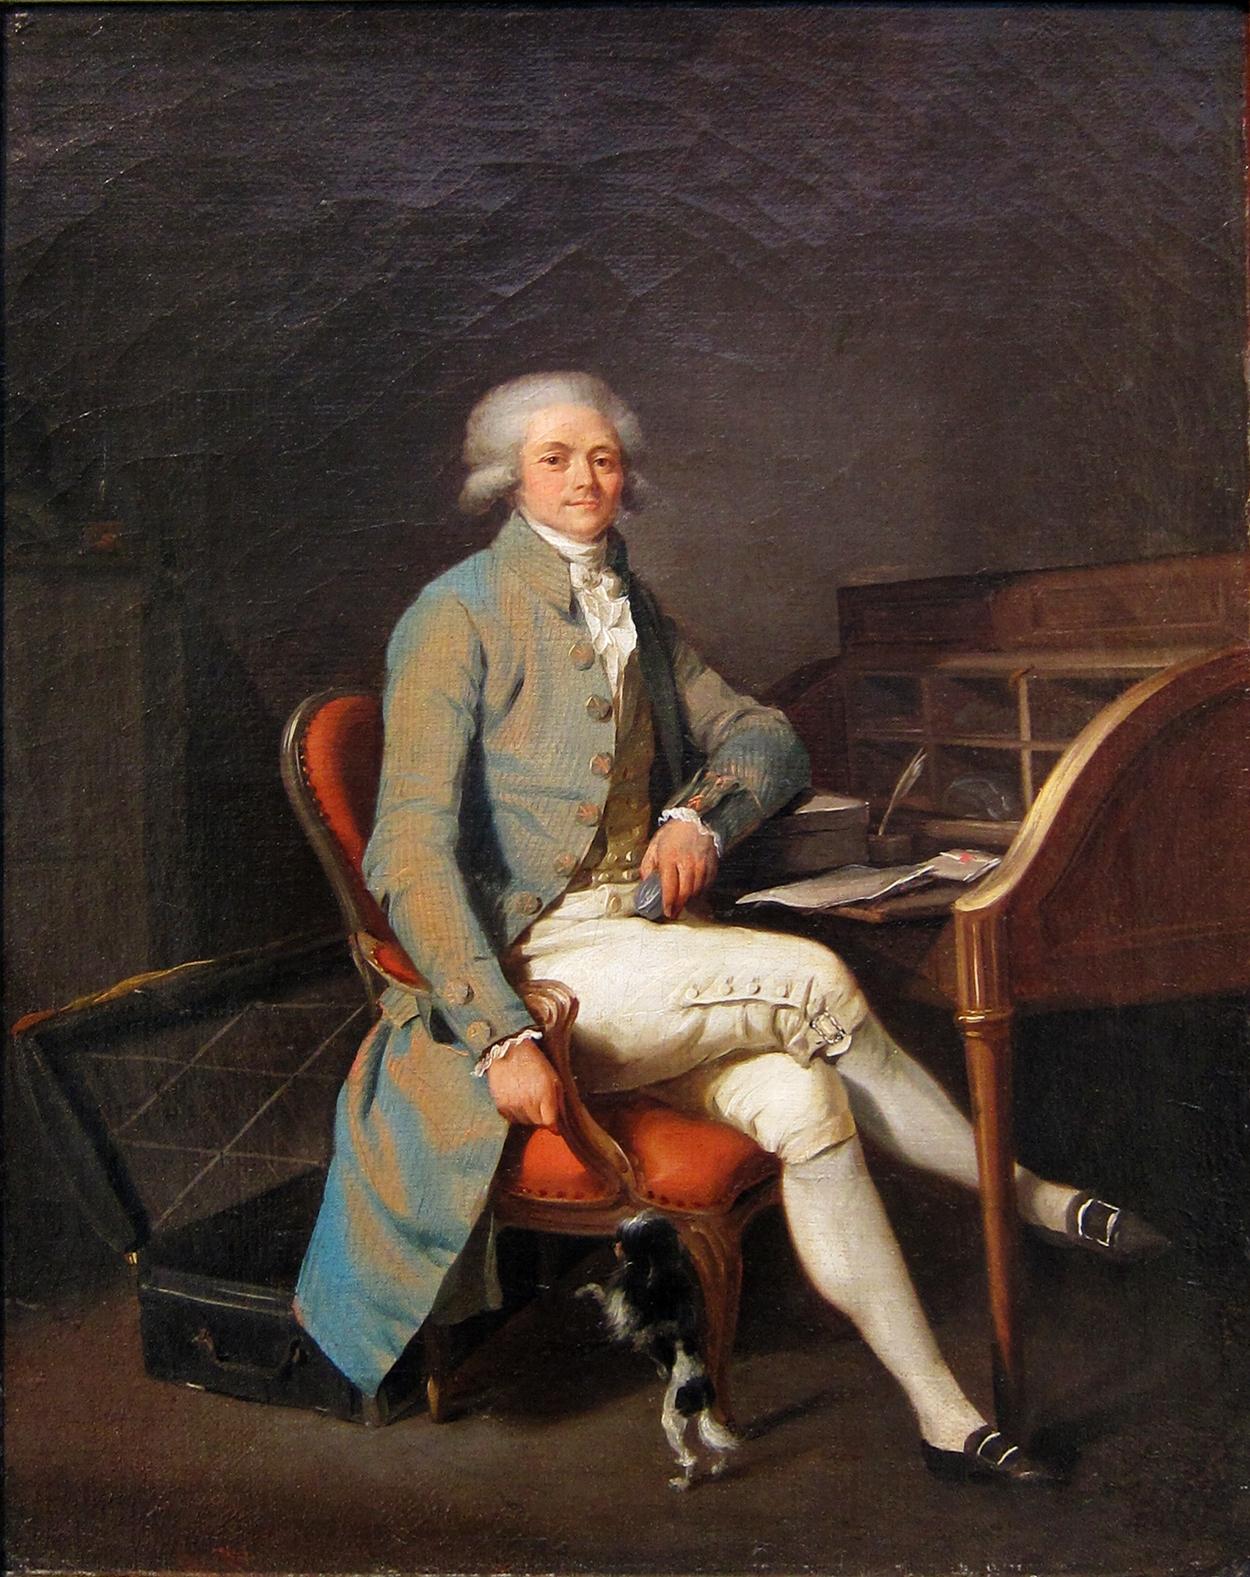 maximillien de robespierre Maximilien robespierre var en fransk advokat og revolusjonær politiker han  ledet frankrike under skrekkveldet, en periode i den franske.